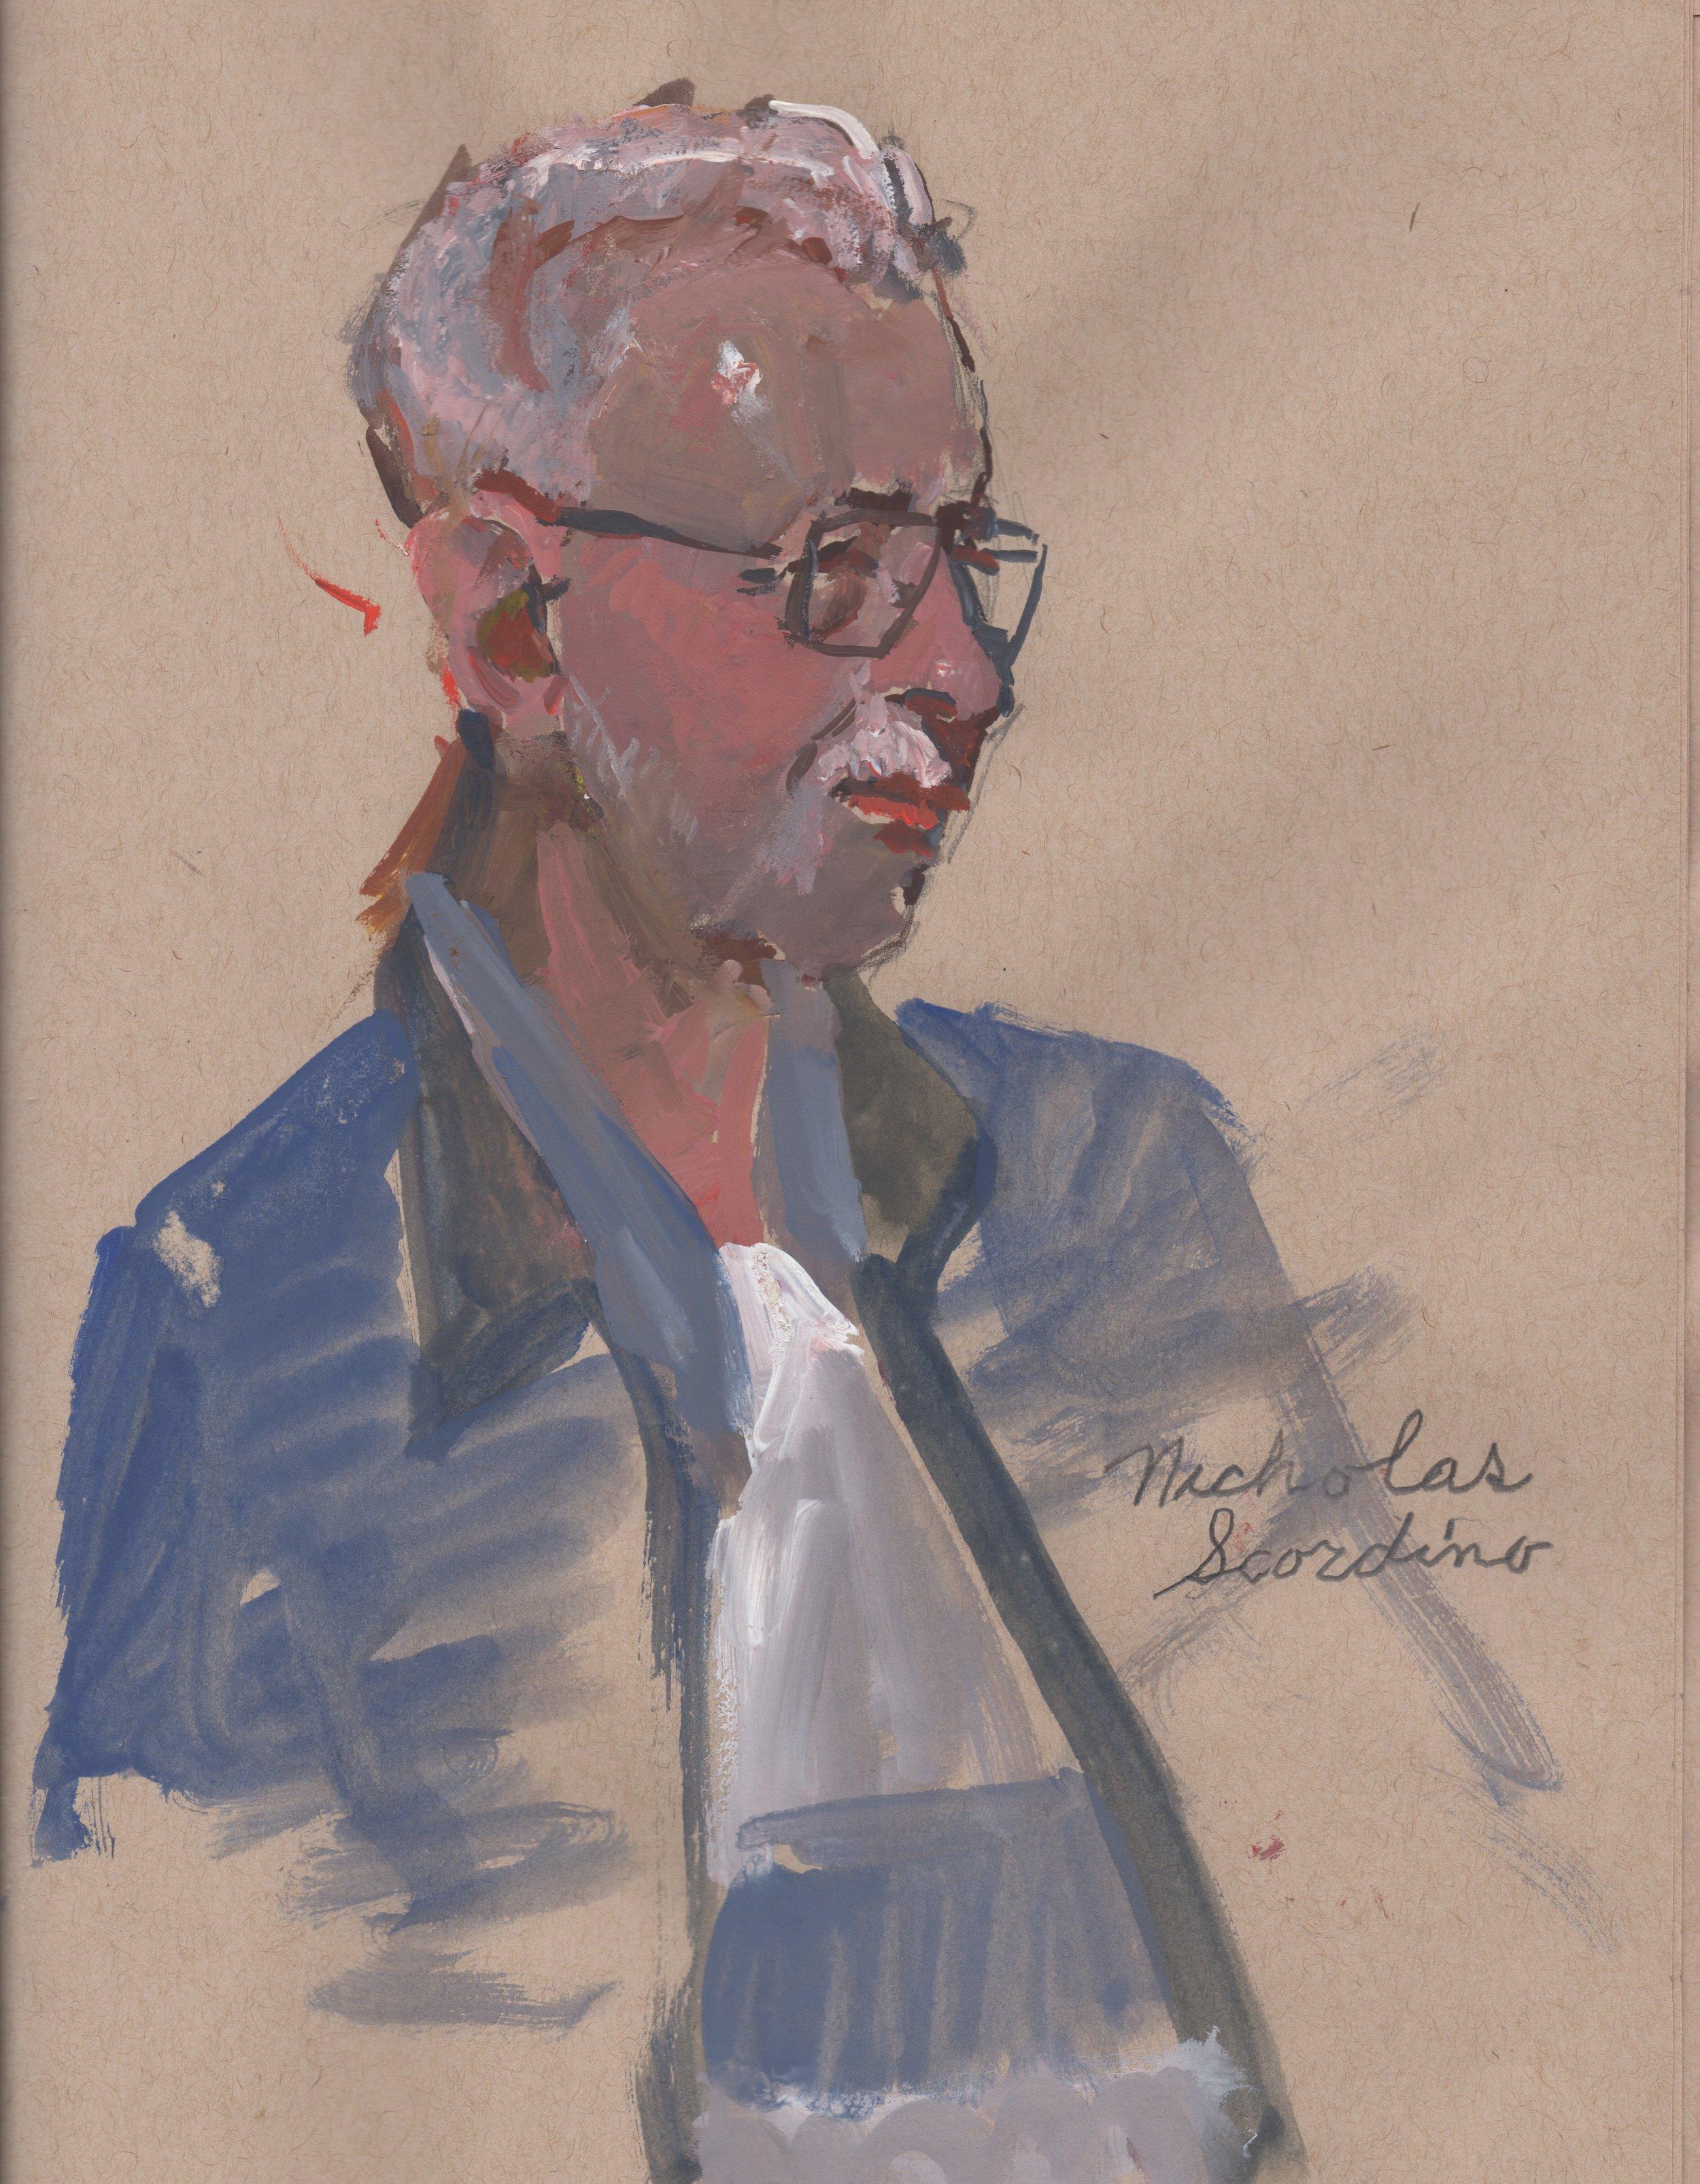 Nicholas Sordino